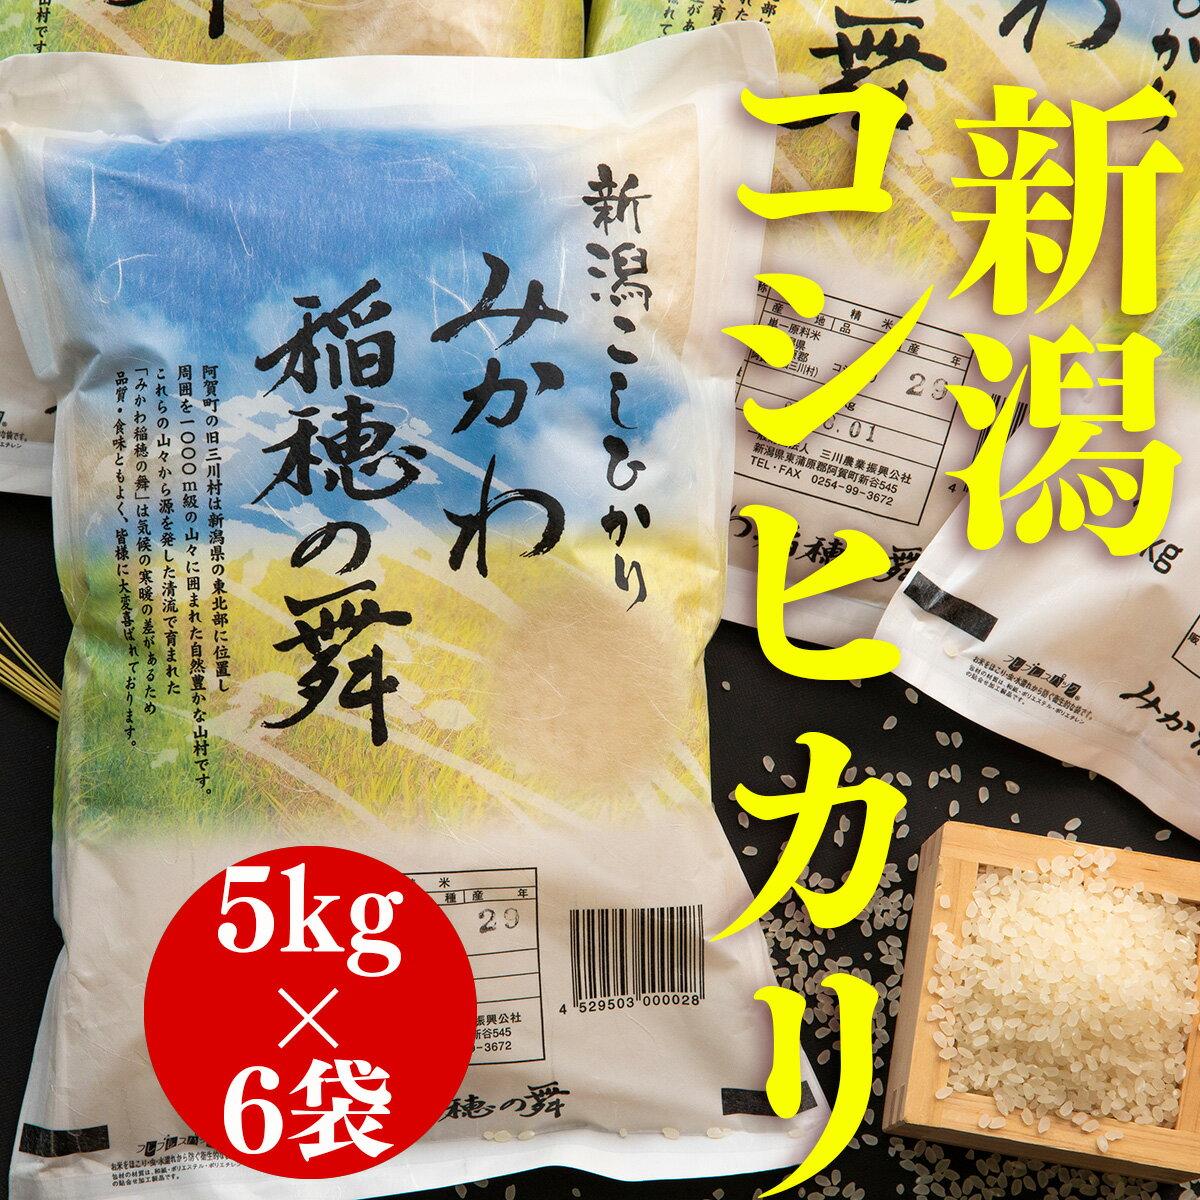 【ふるさと納税】平成30年産 新潟県阿賀町産 コシヒカリ新米 「みかわ稲穂の舞」 30kg(5kg×6袋)